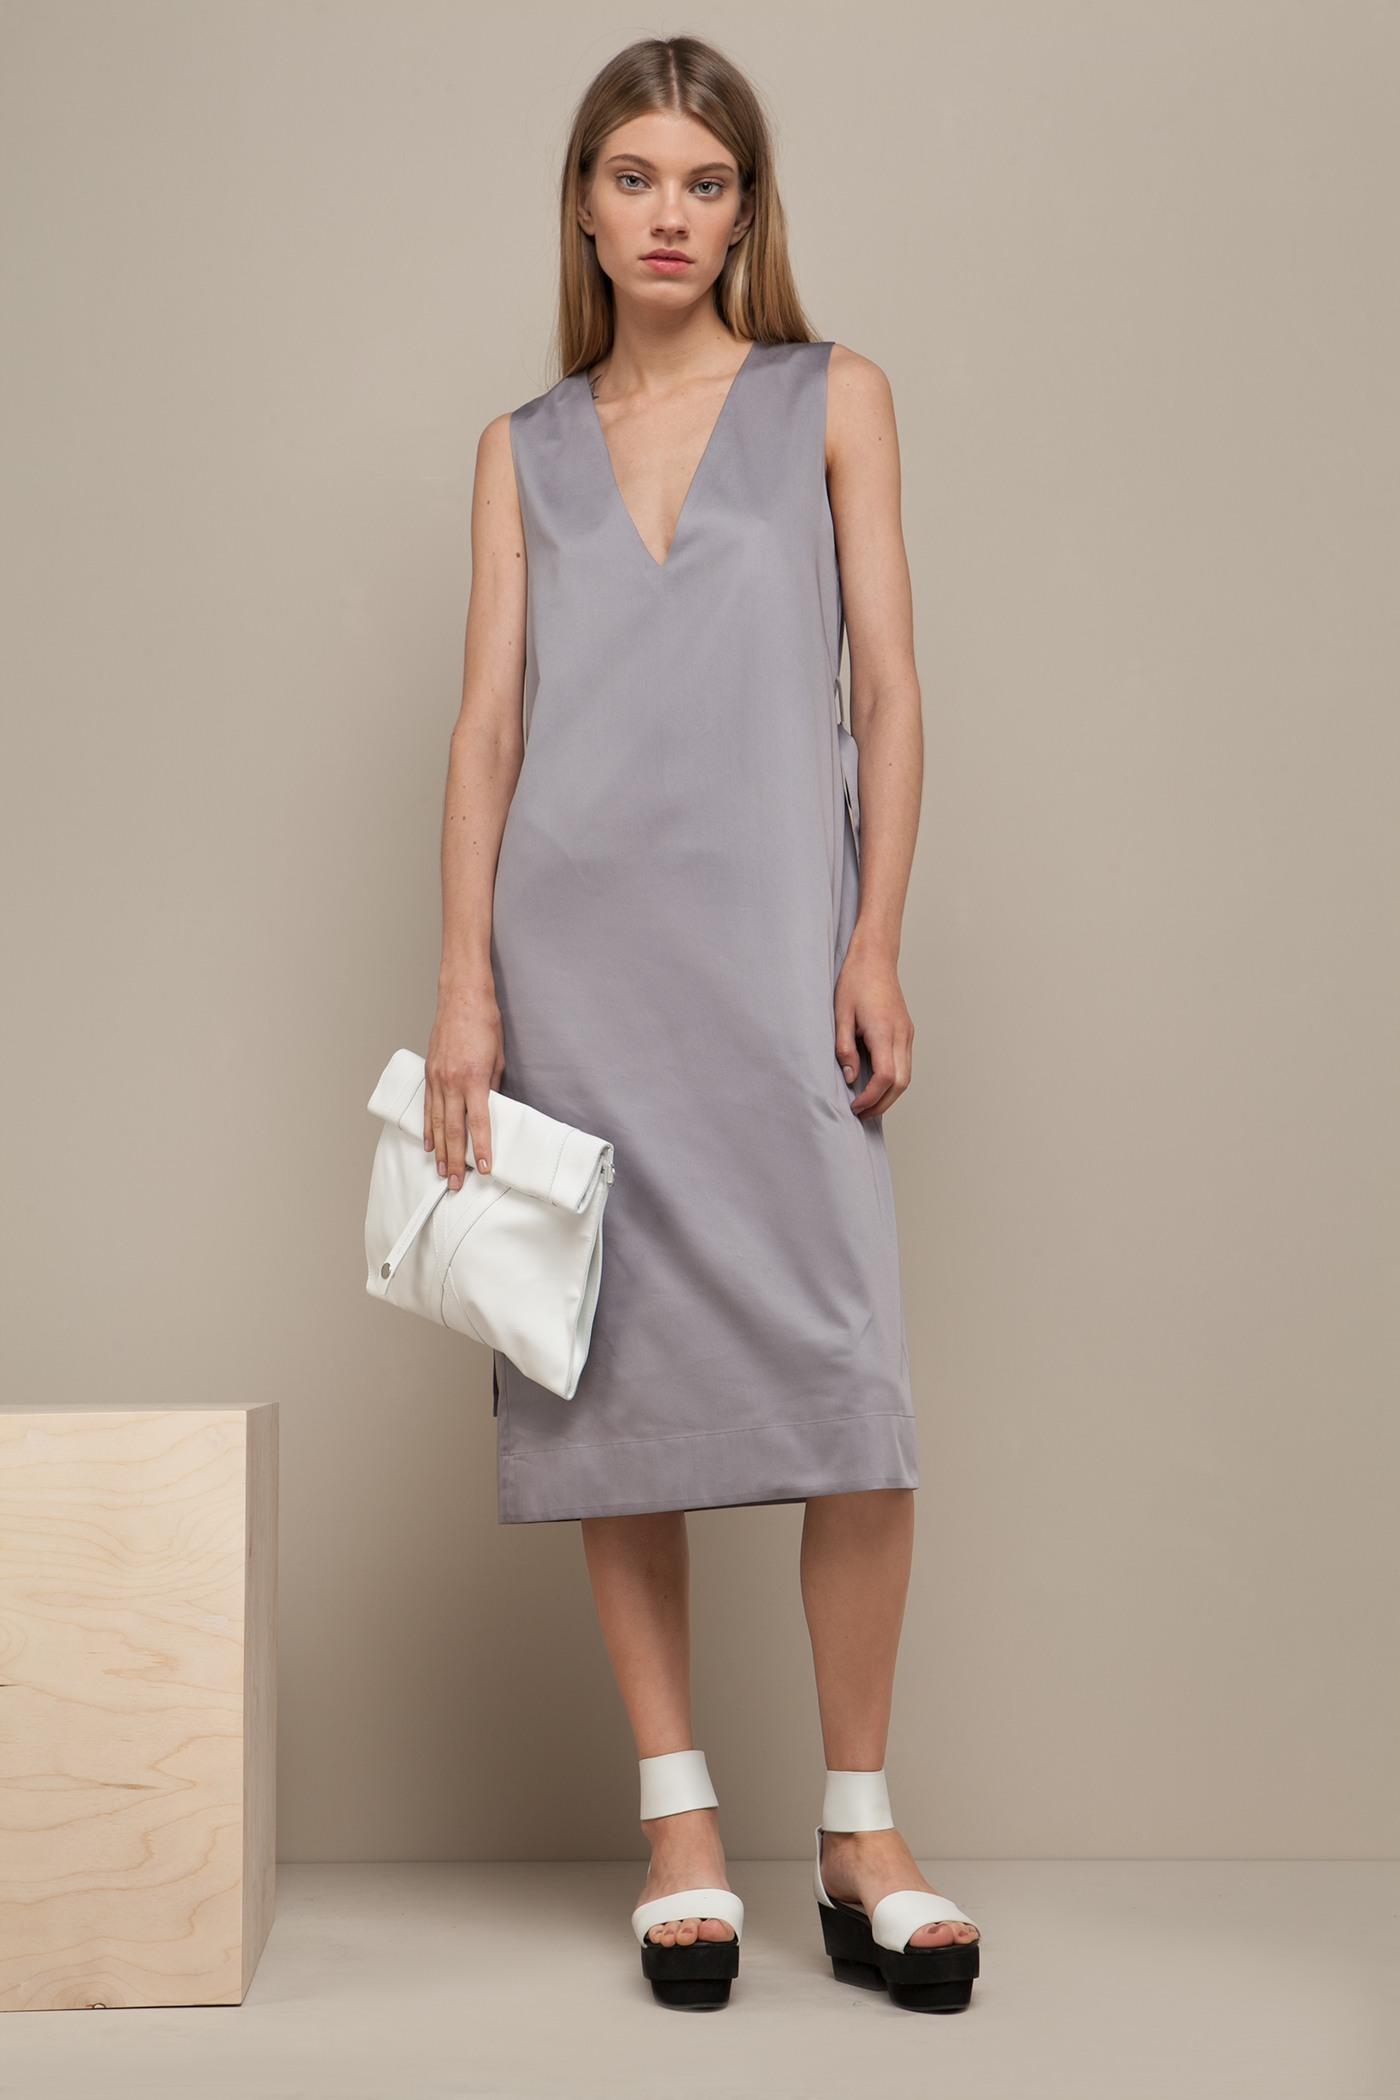 Платье средней длины - Just dress.JUST.midi